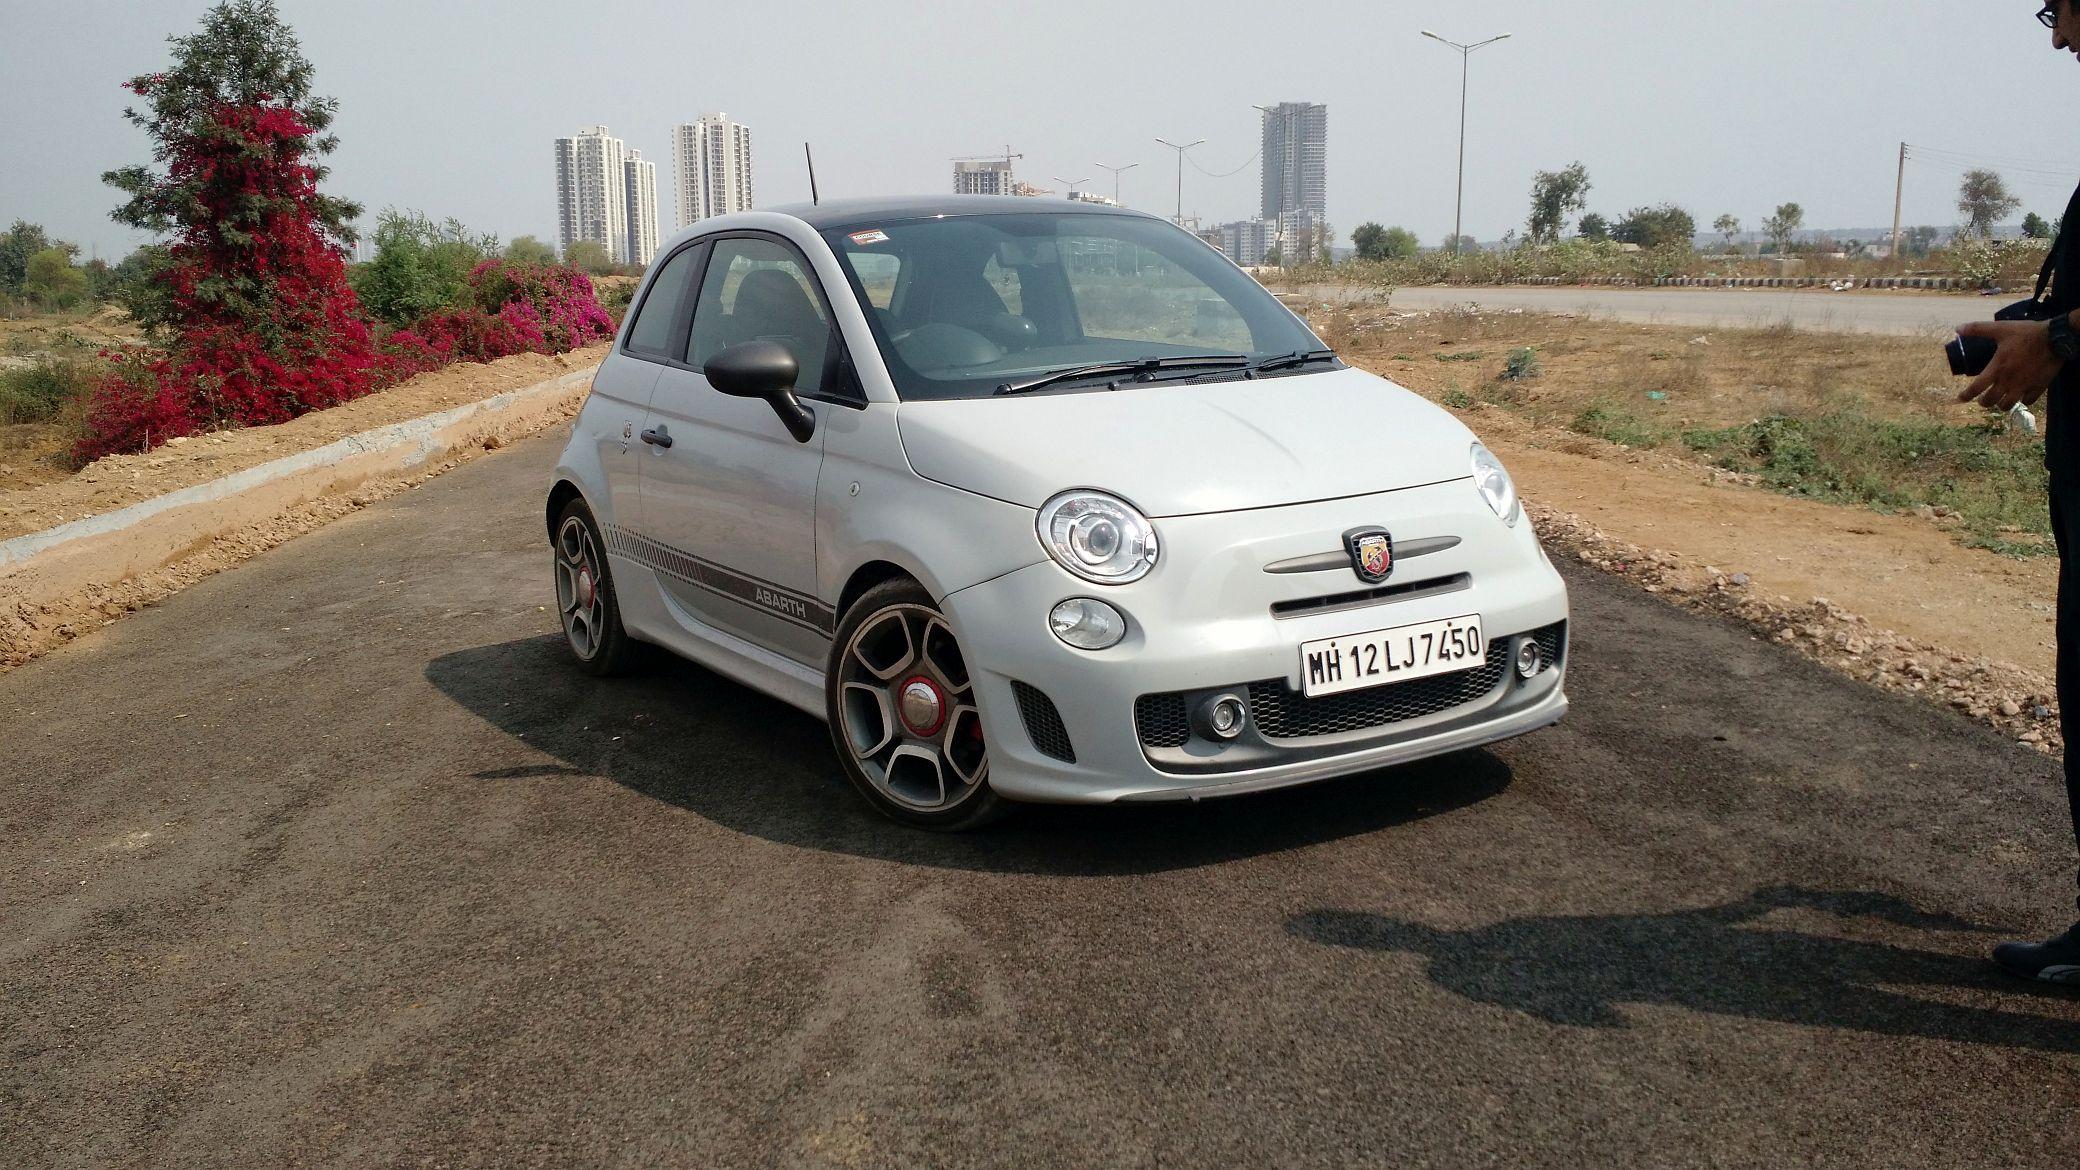 Fiat 595 Abarth Competizione Review Price In India Specs